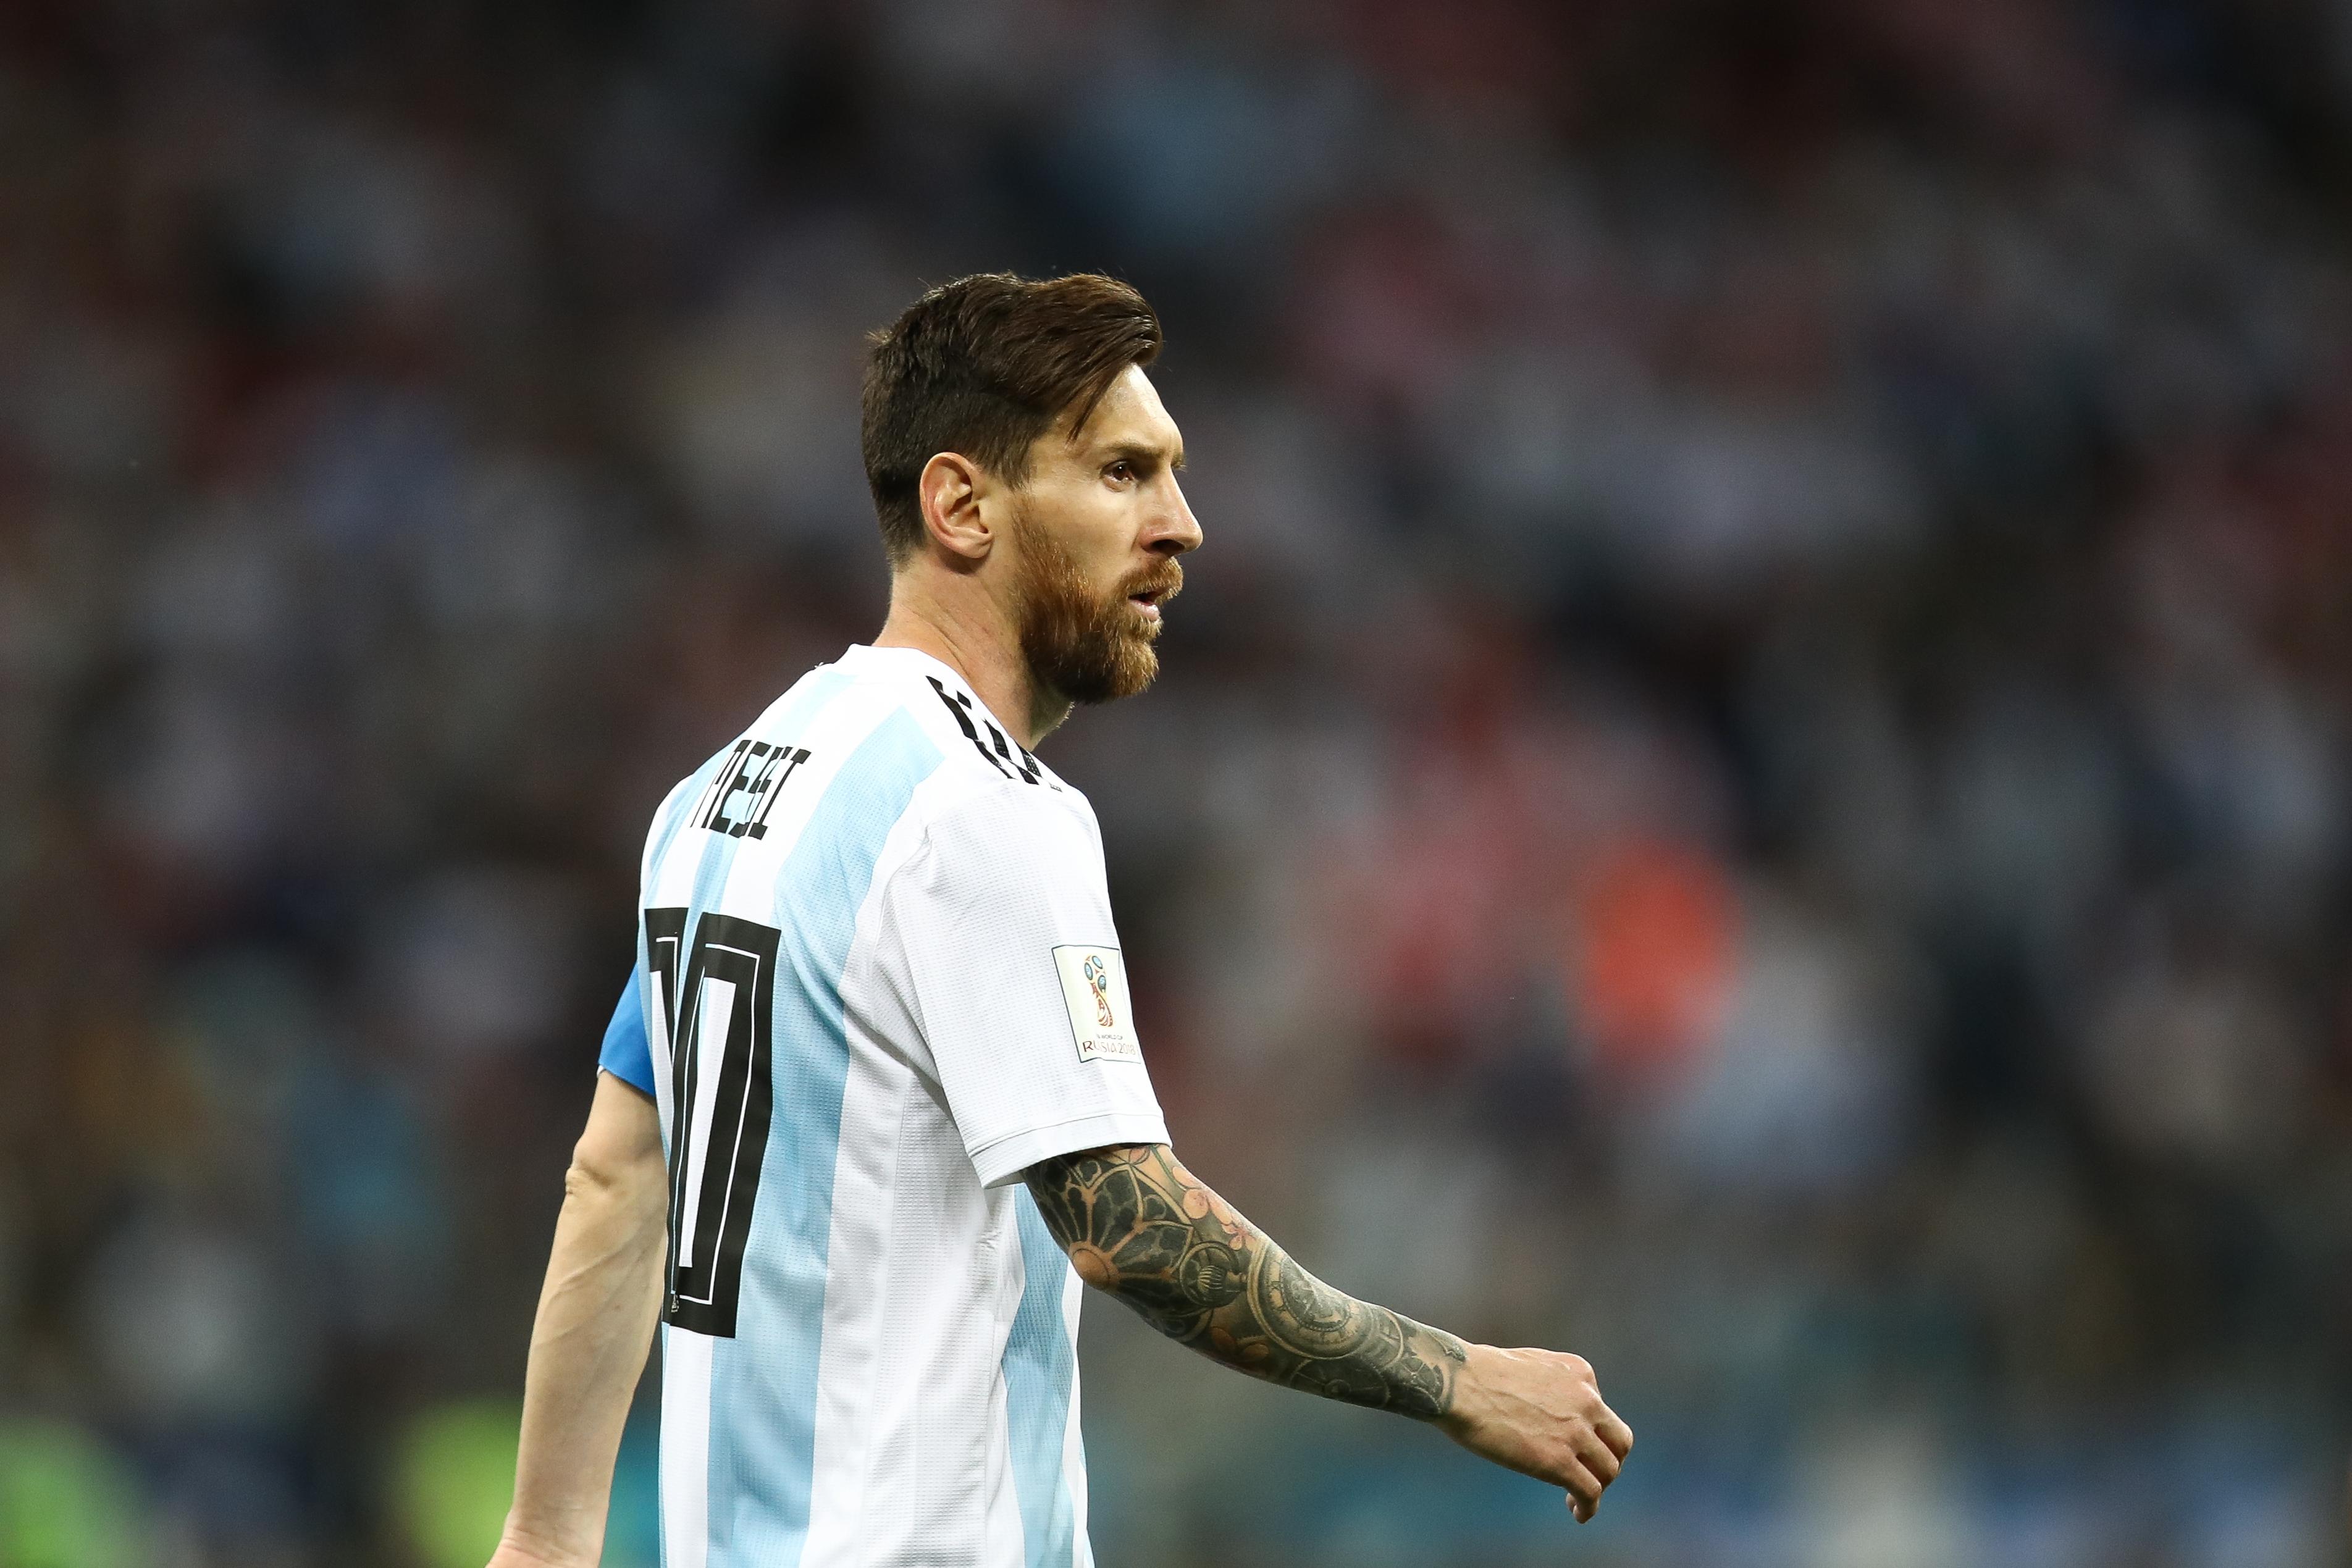 Отборът на Аржентина е получил емоционален допинг след победата на